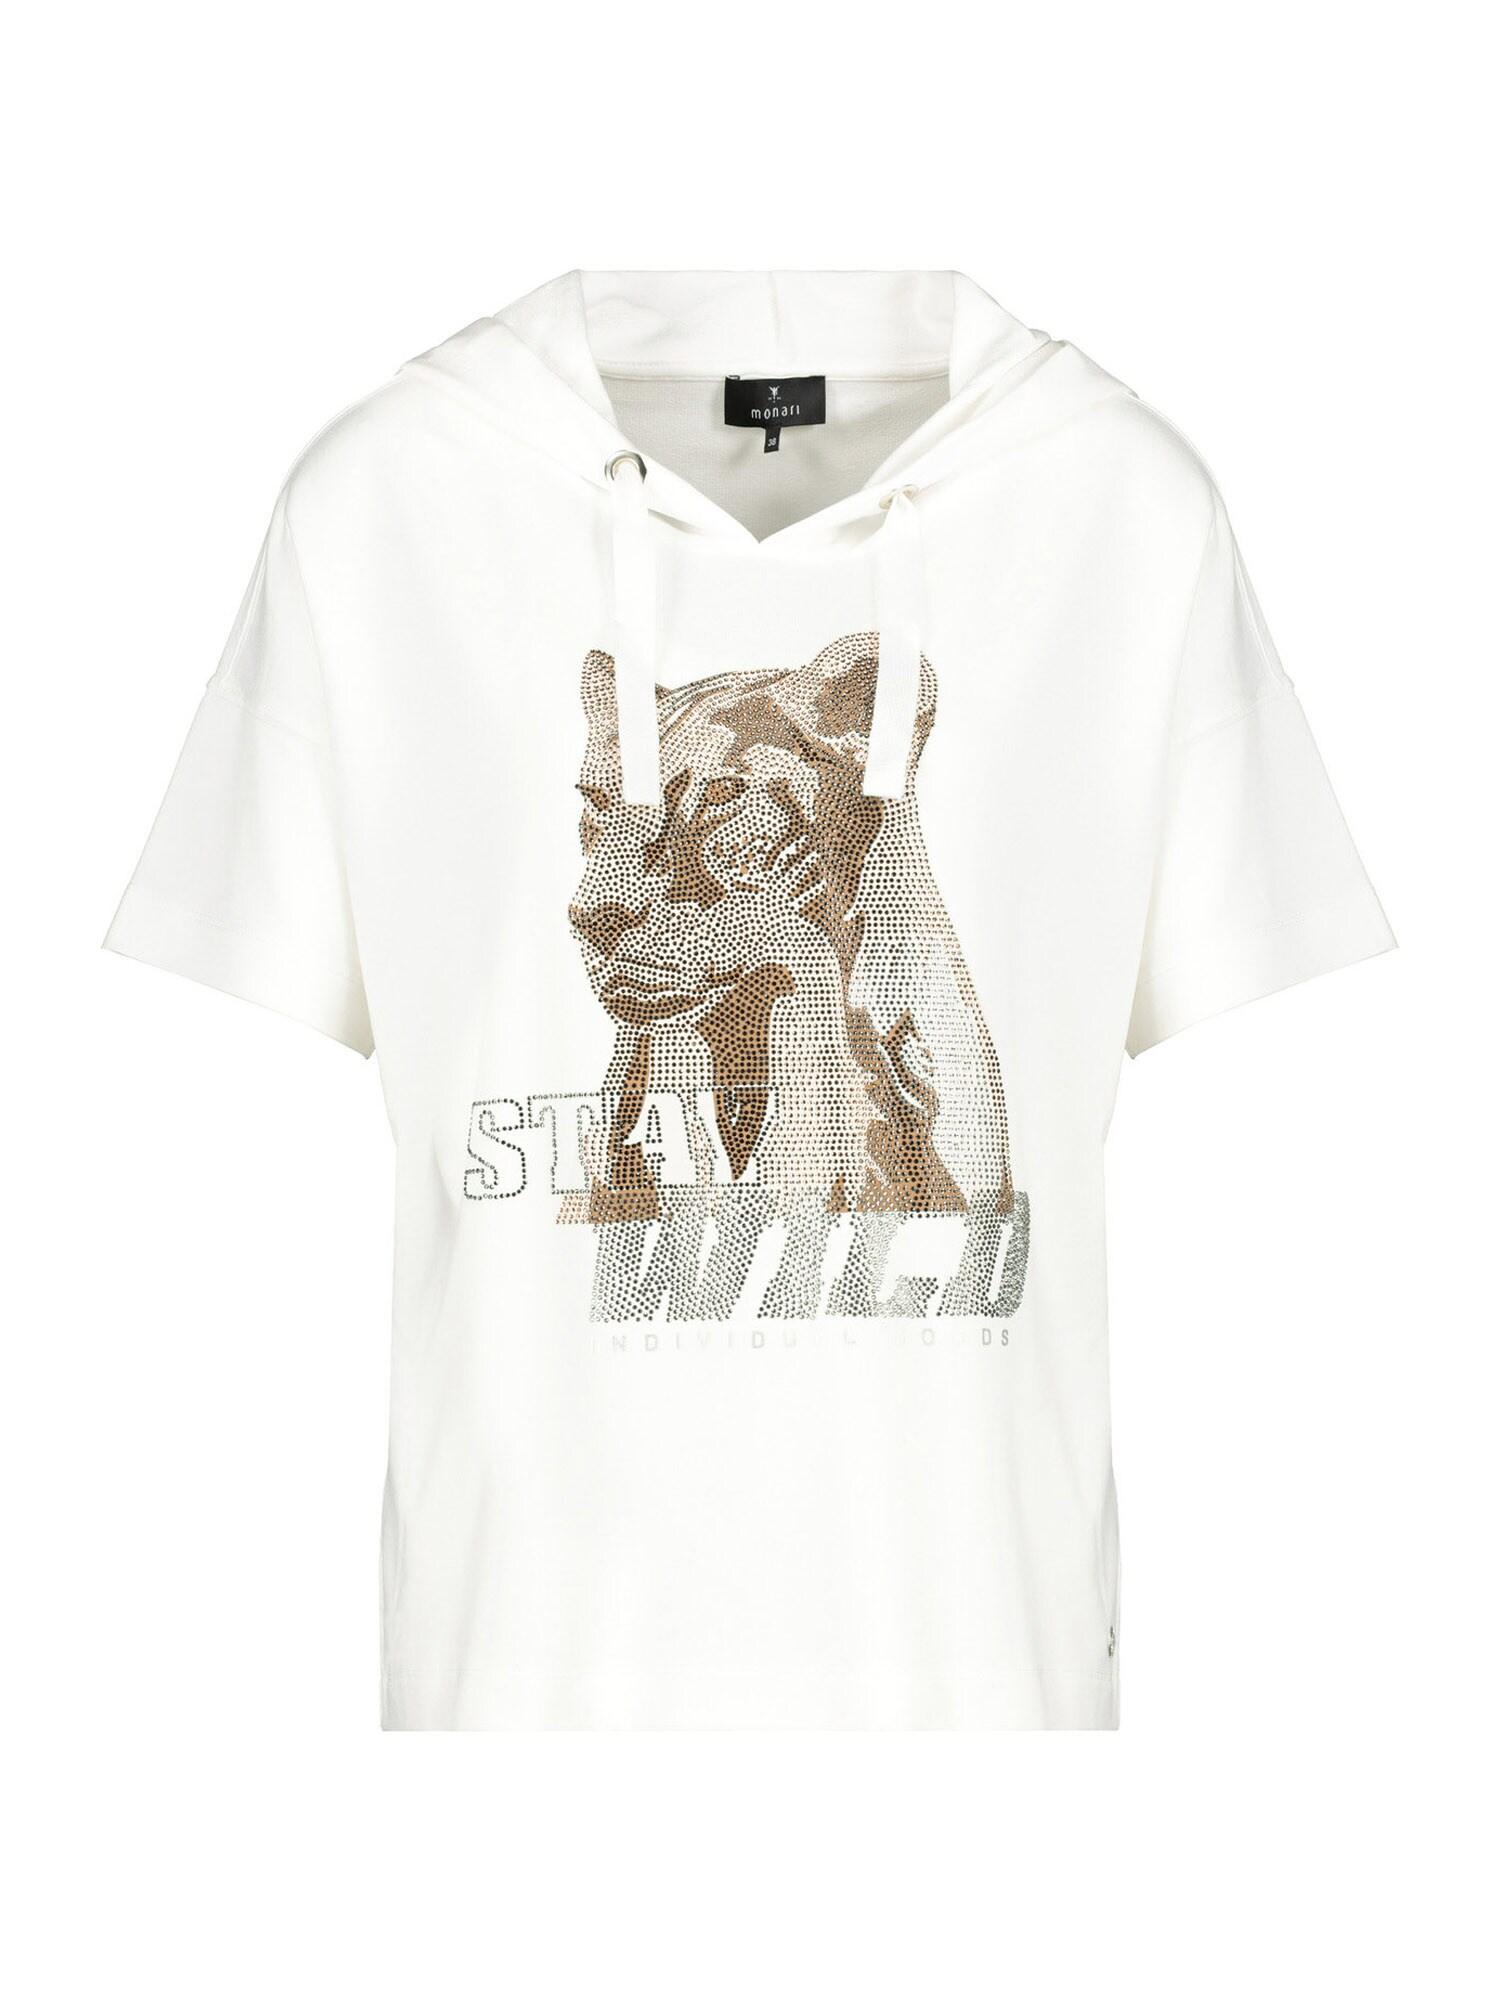 monari Marškinėliai balta / sidabrinė / gelsvai pilka spalva